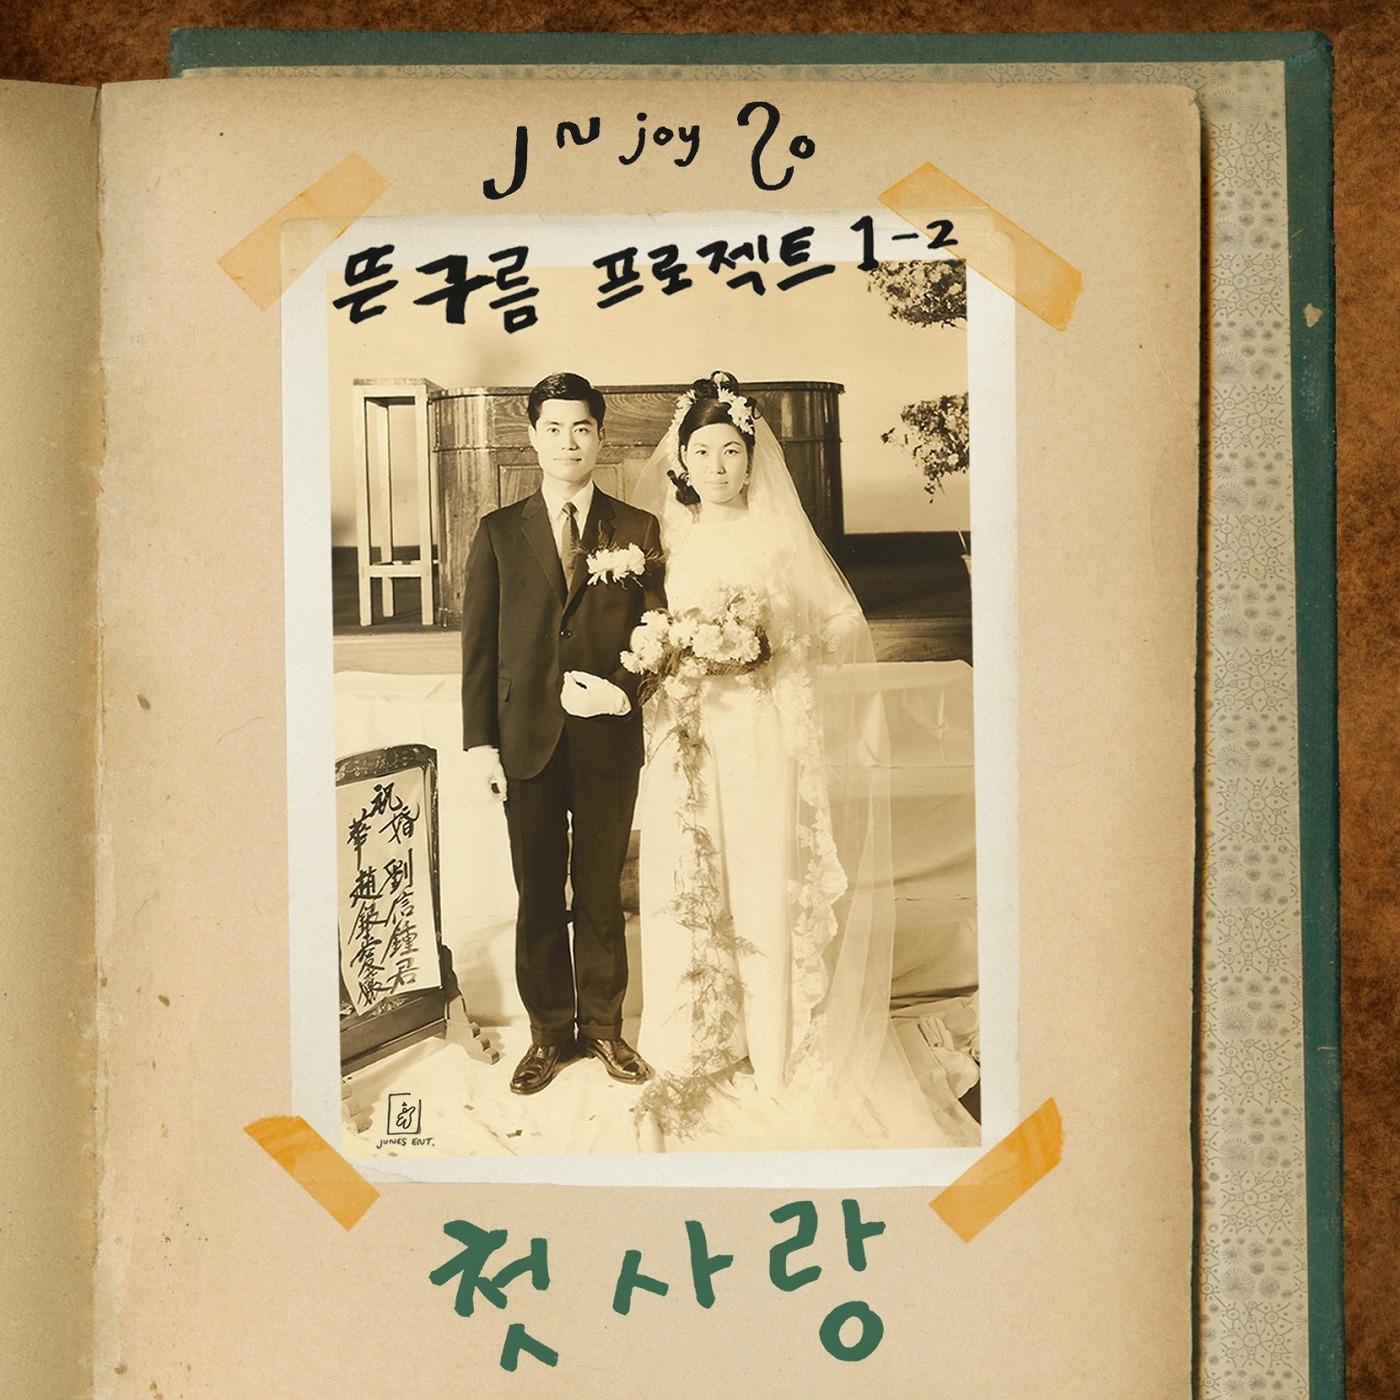 """뜬구름 프로젝트 1-2 """"첫사랑"""" 앨범정보"""